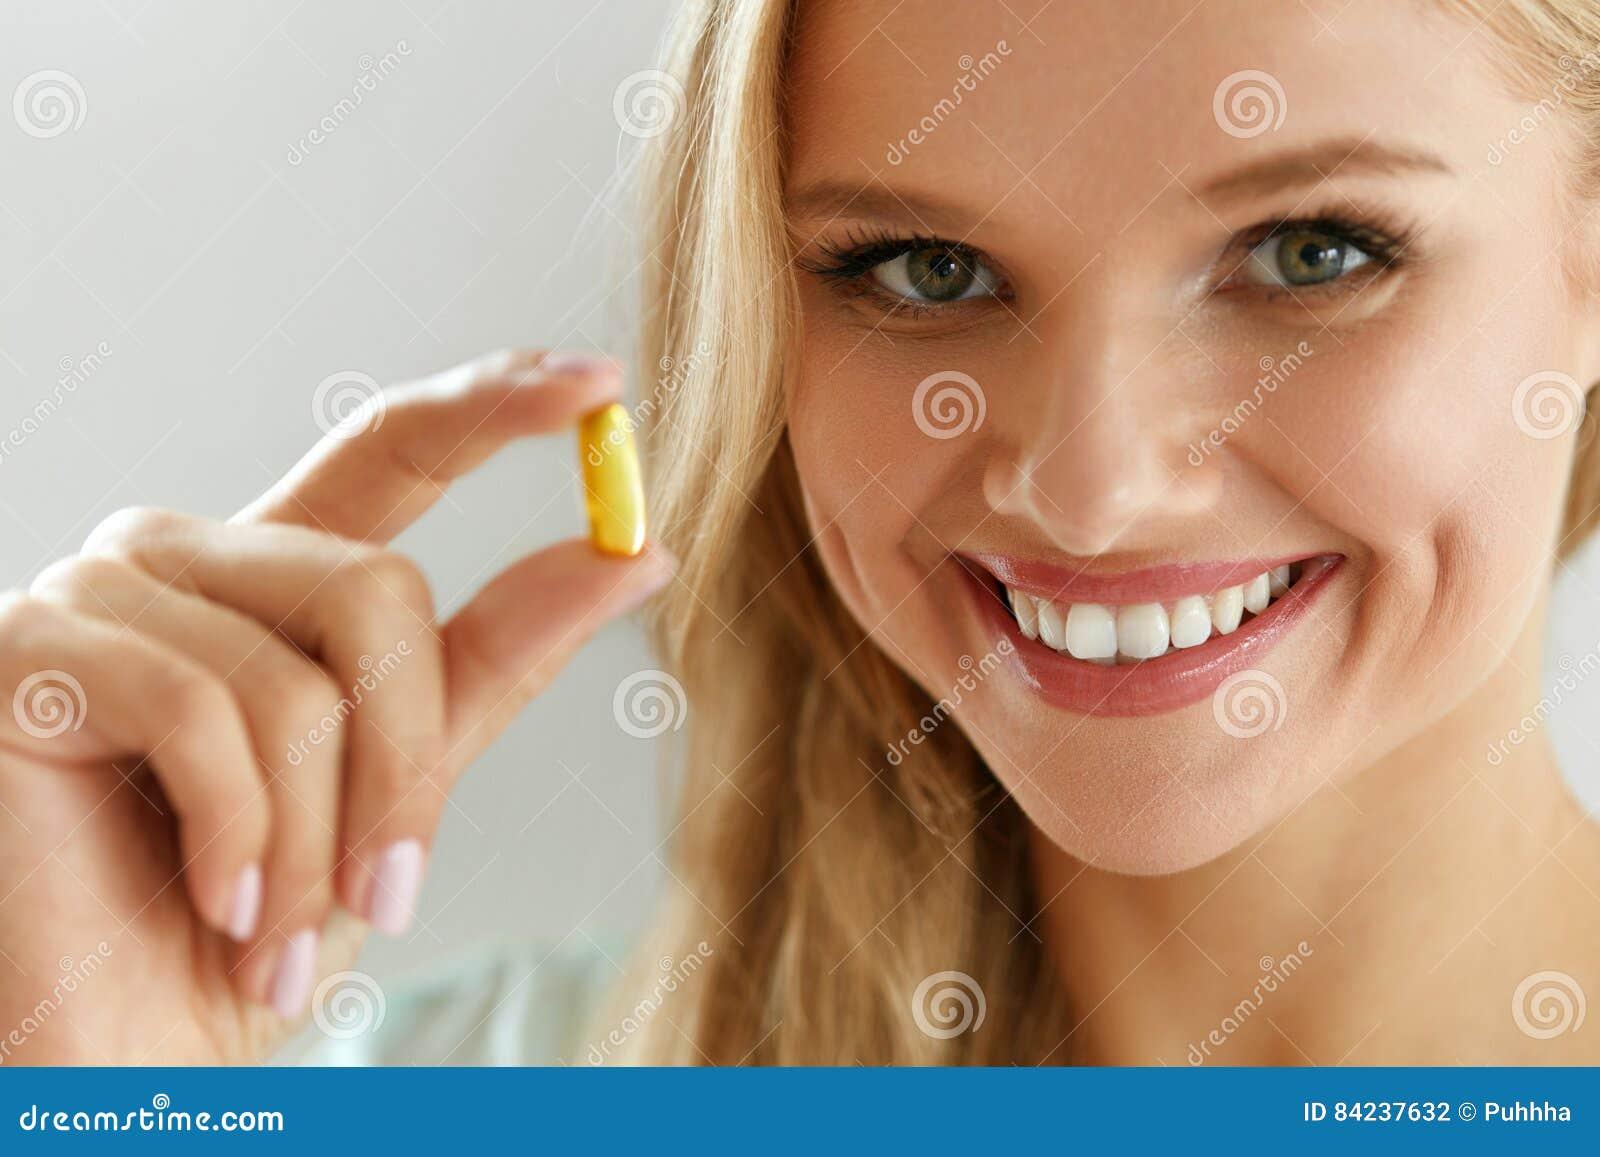 Όμορφο χάπι πετρελαίου ψαριών εκμετάλλευσης γυναικών υπό εξέταση υγιής διατροφή